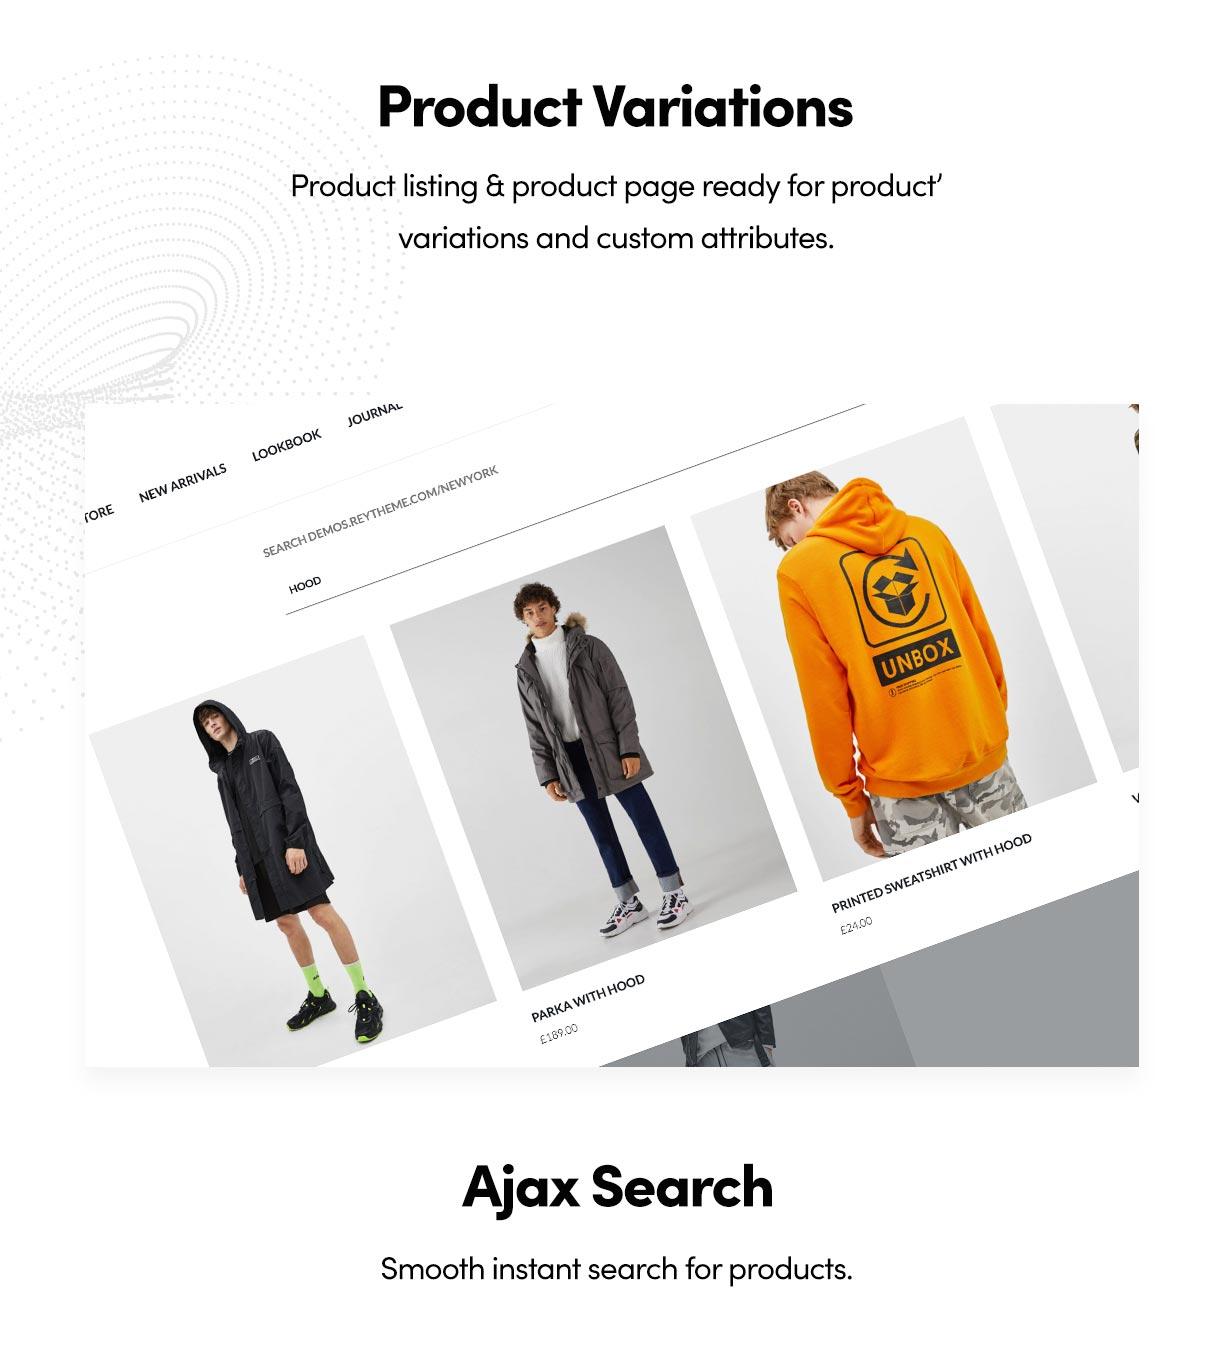 Rey - Fashion & Clothing, Furniture - 16